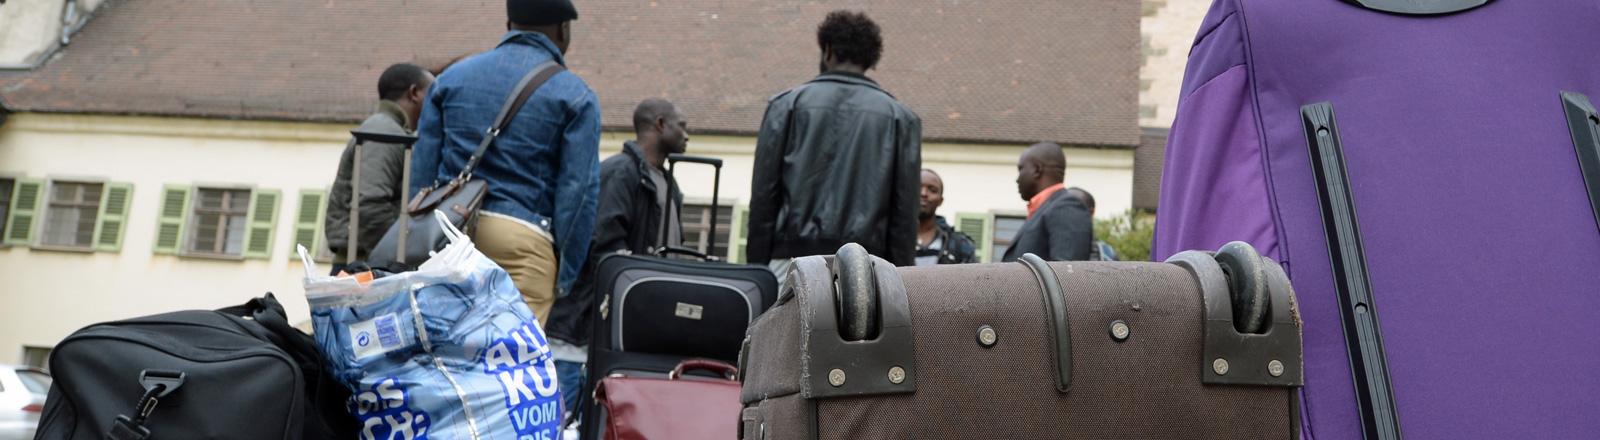 Mehrere Flüchtlinge stehen am 03.04.2014 in Weingarten (Baden-Württemberg) nach ihrer Ankunft vor dem Gästehaus des Klosters Weingarten.